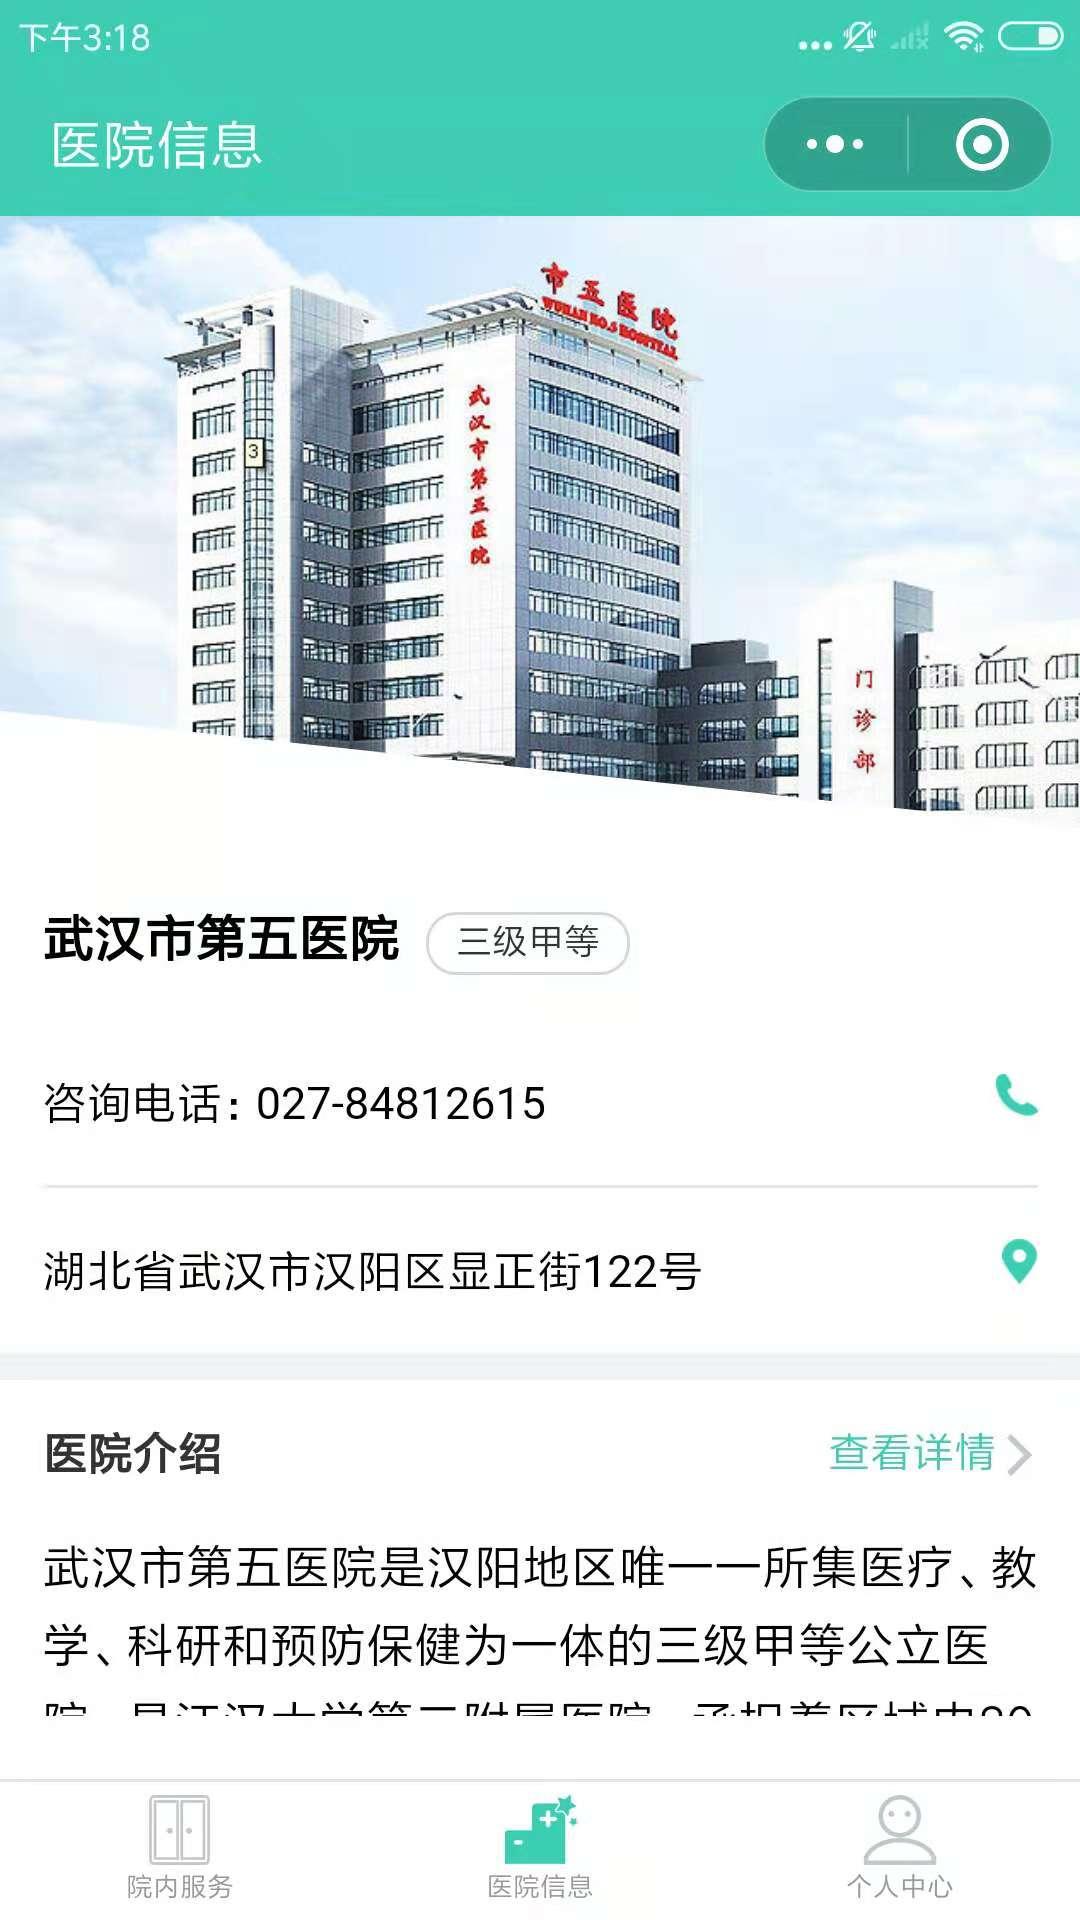 武汉市第五医院小程序截图